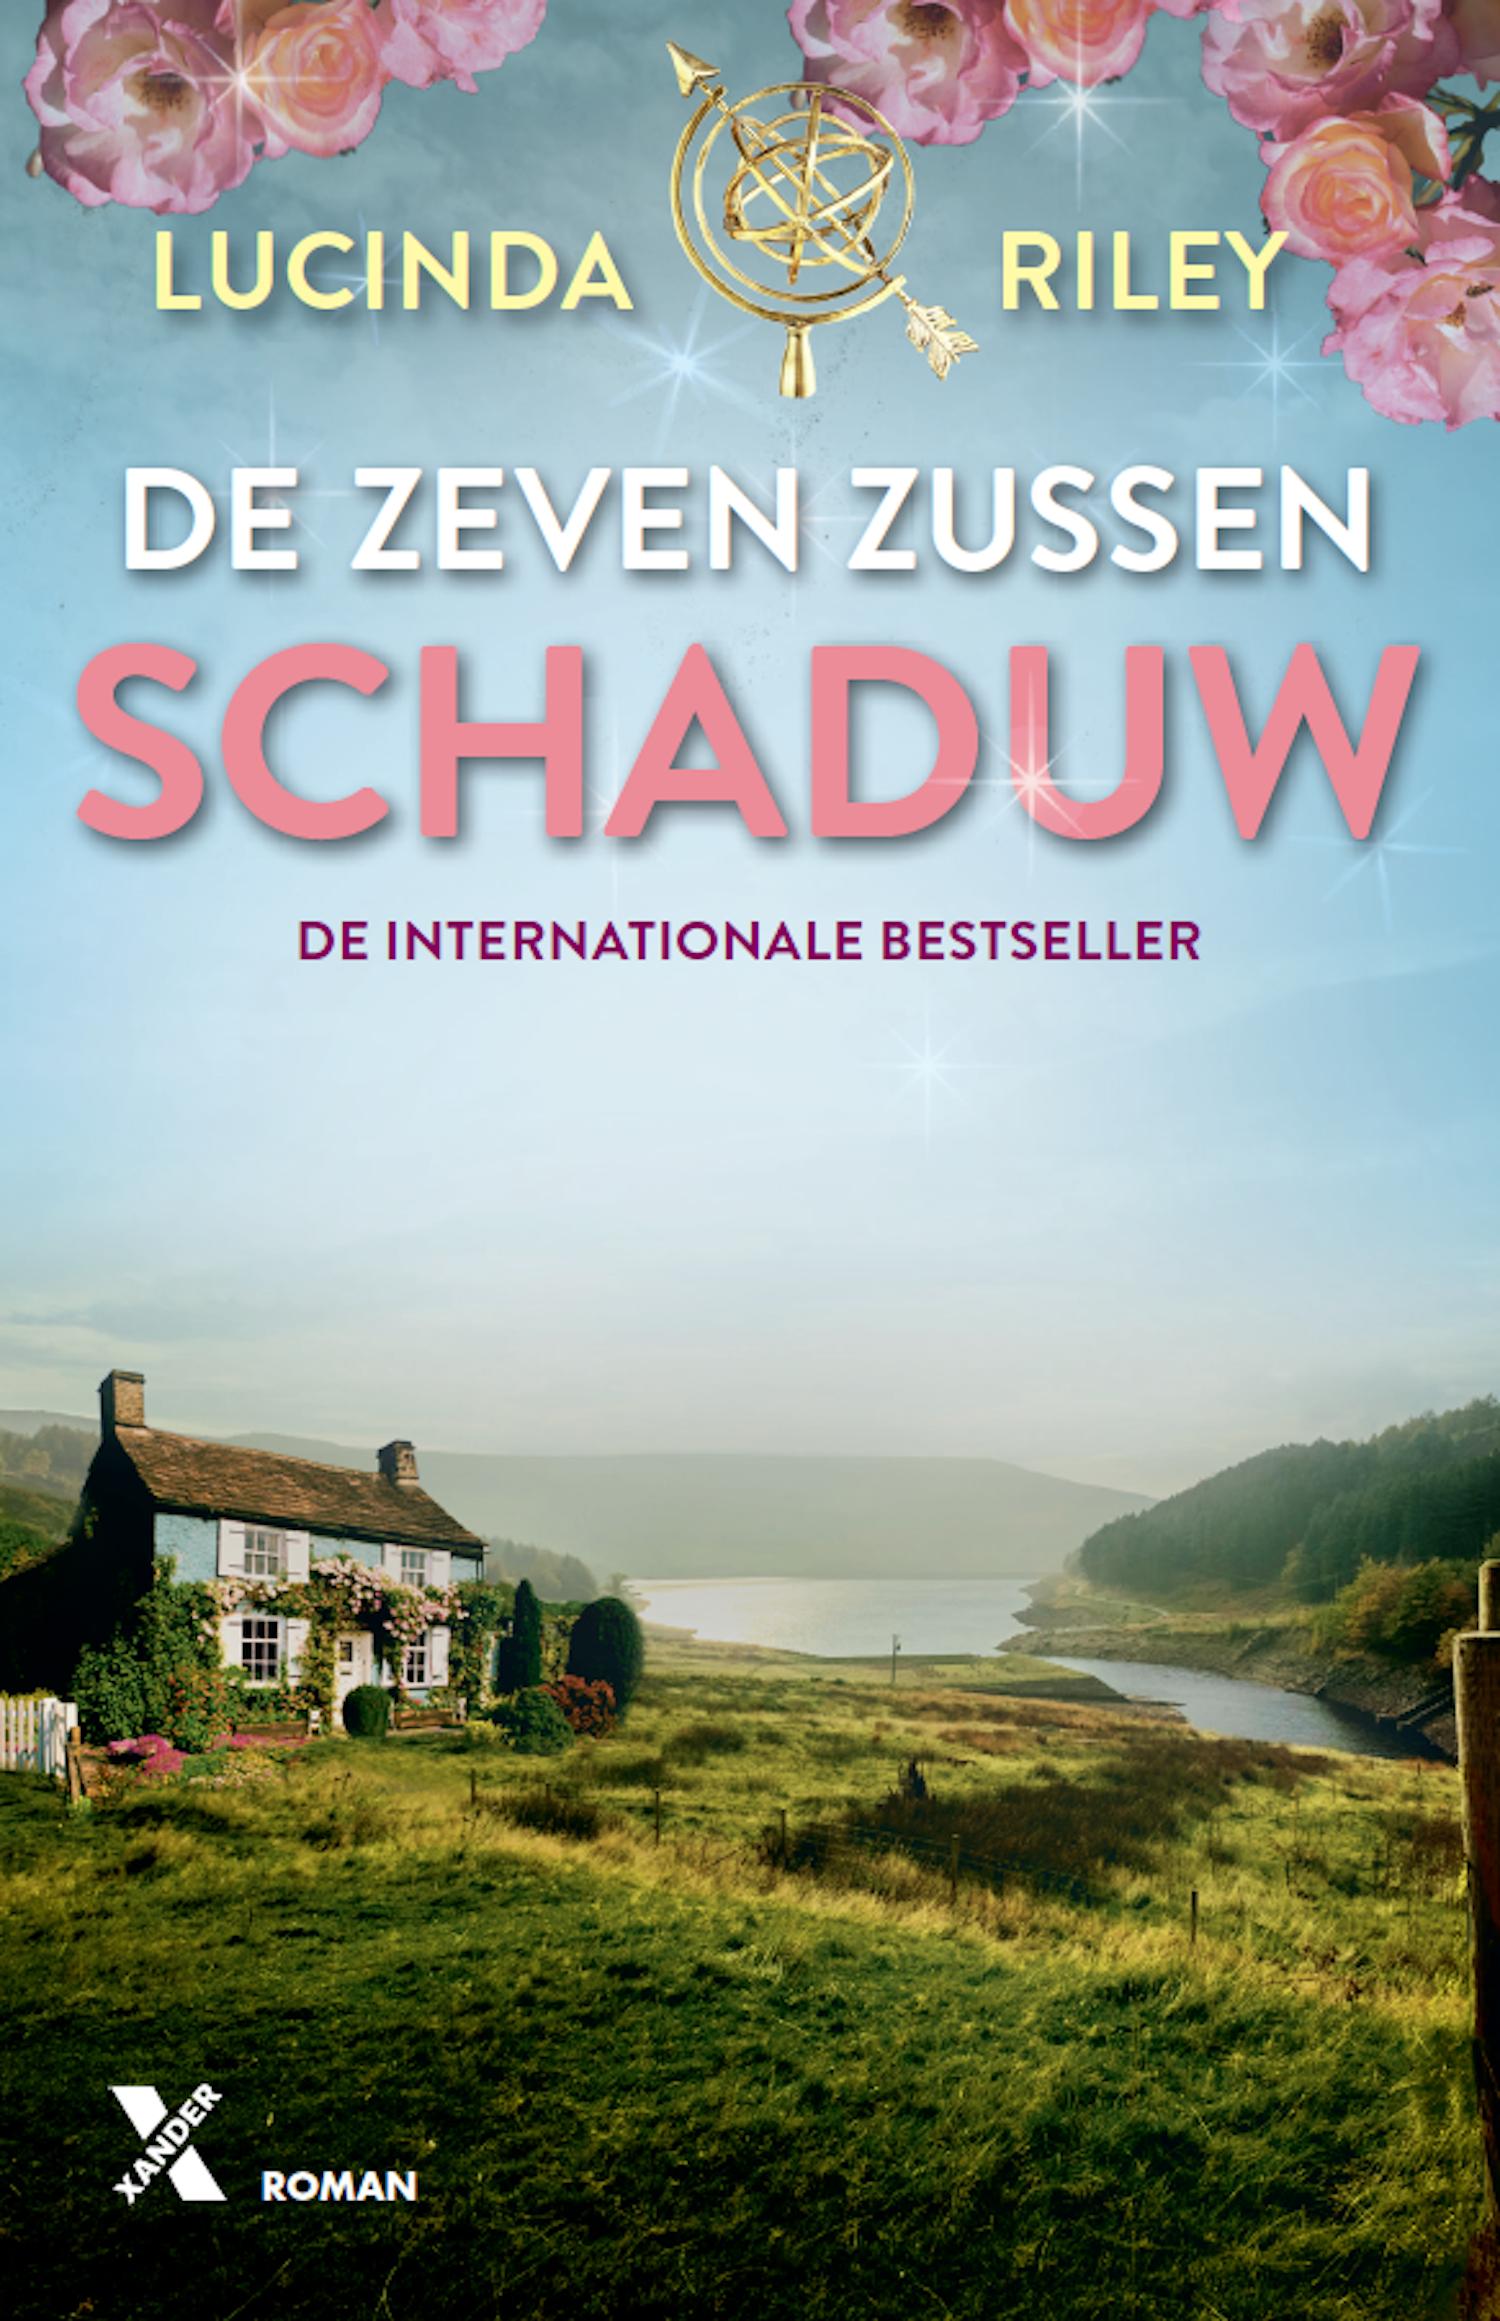 De zeven zussen-Schaduw - boekenflits.nl